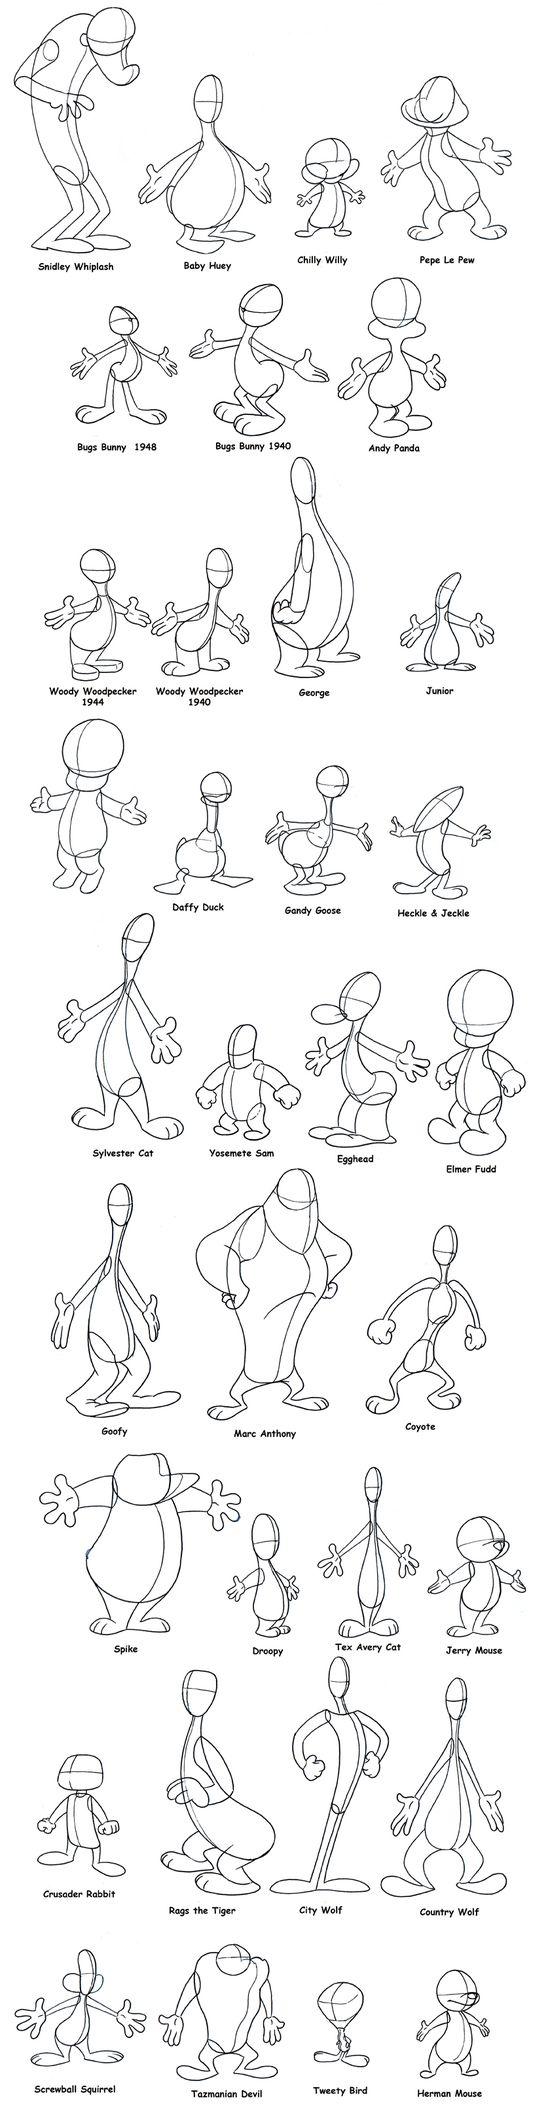 Characters basics